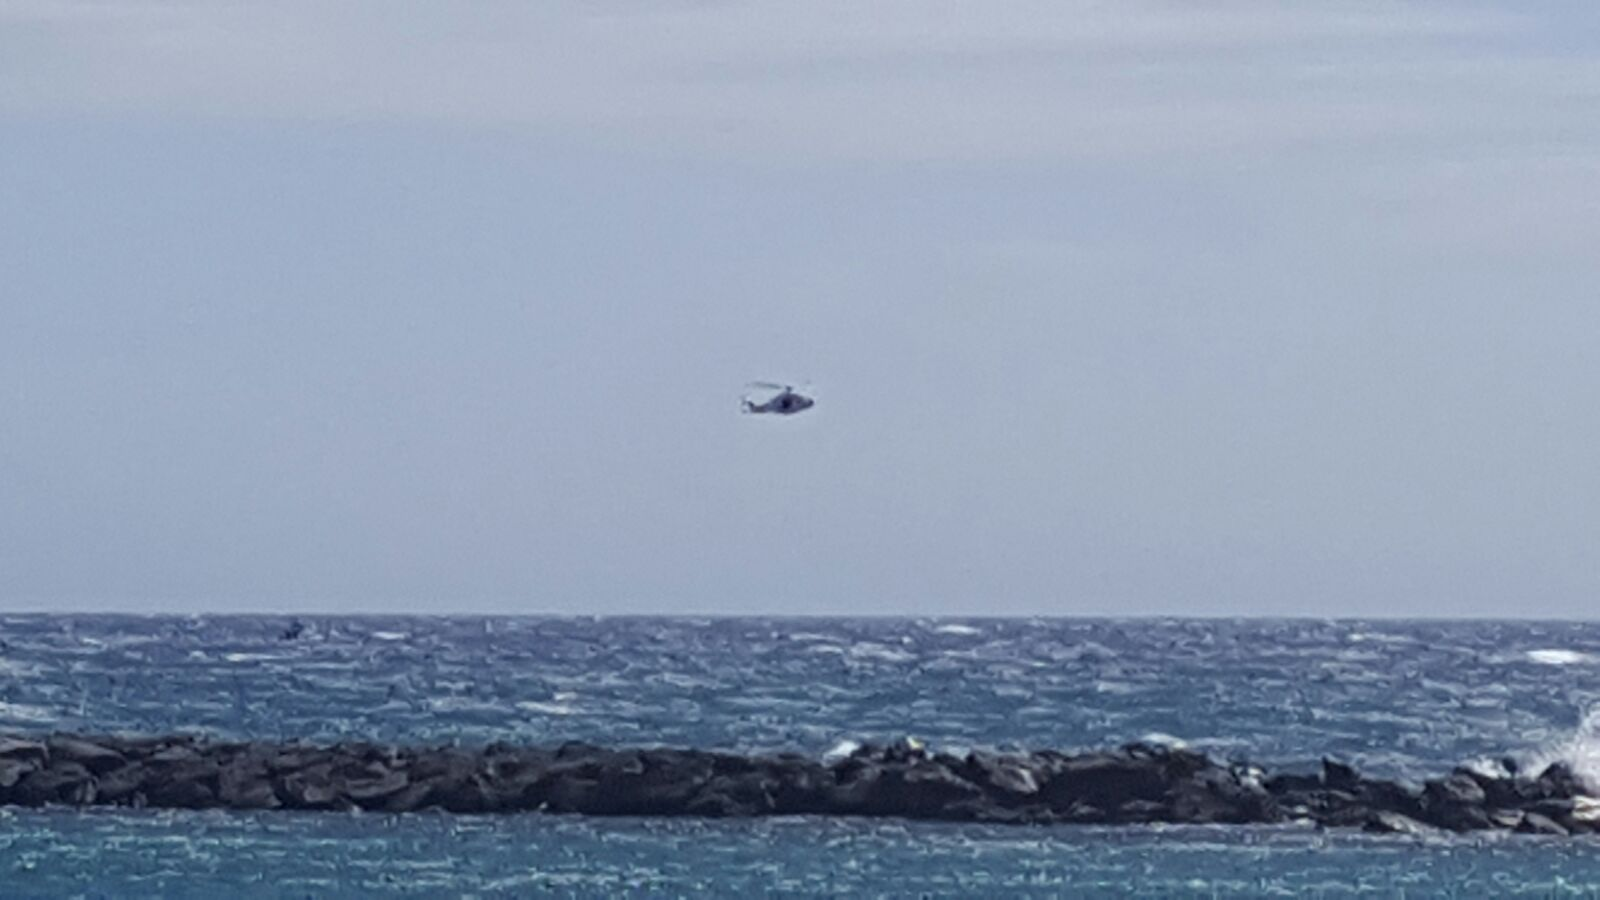 Helicópteros procediendo a la localización de la embarcación y rescata de sus ocupantes | DA